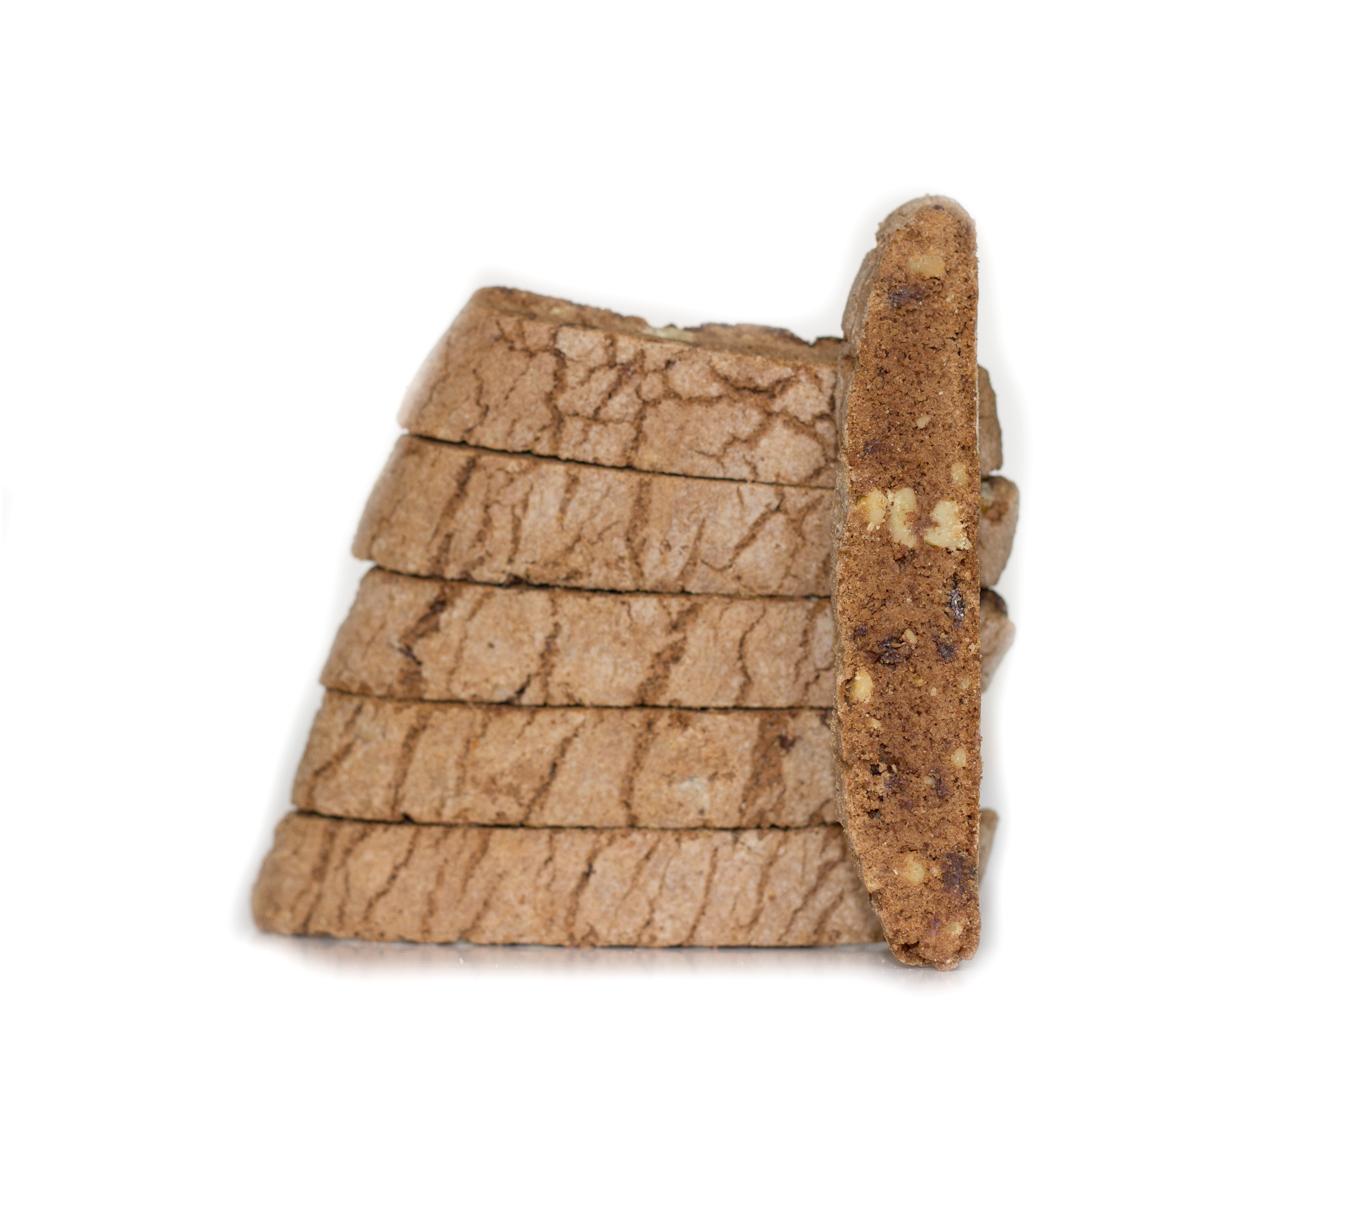 doublechocolatewalnut-connieskitchen-cookies